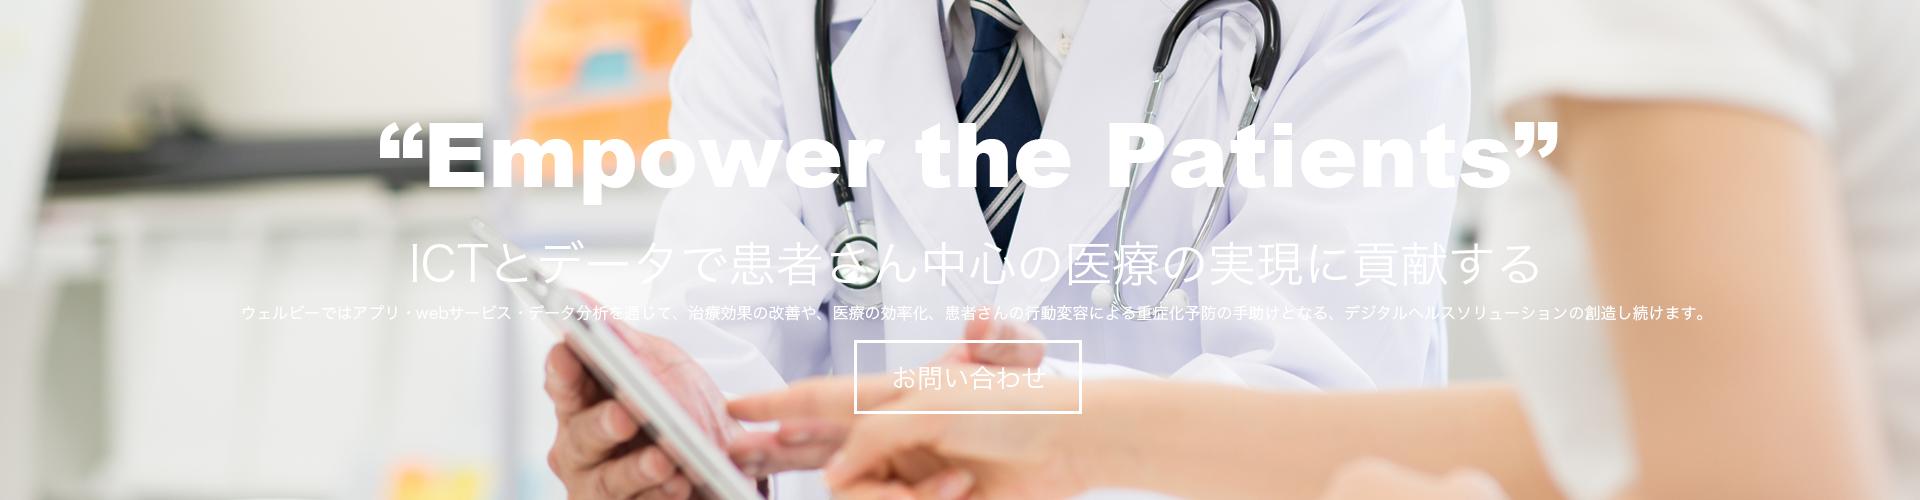 ICTとデータで患者さん中心の医療の実現に貢献する